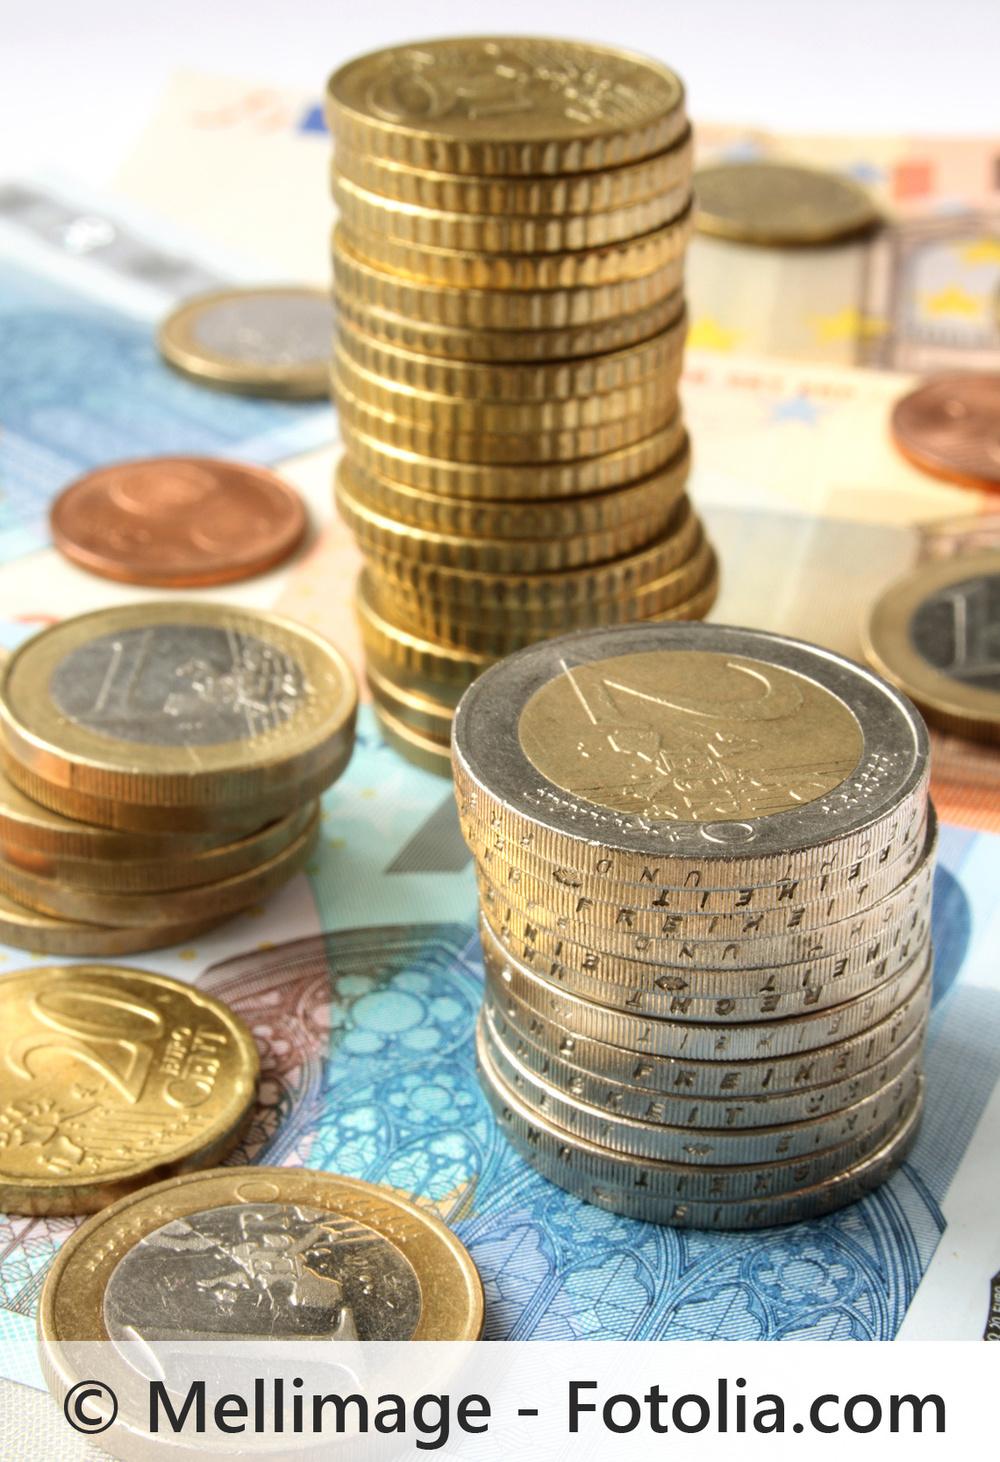 kappung der direktzahlungen auf 60 000 euro bis 100 000 euro im gespr ch. Black Bedroom Furniture Sets. Home Design Ideas